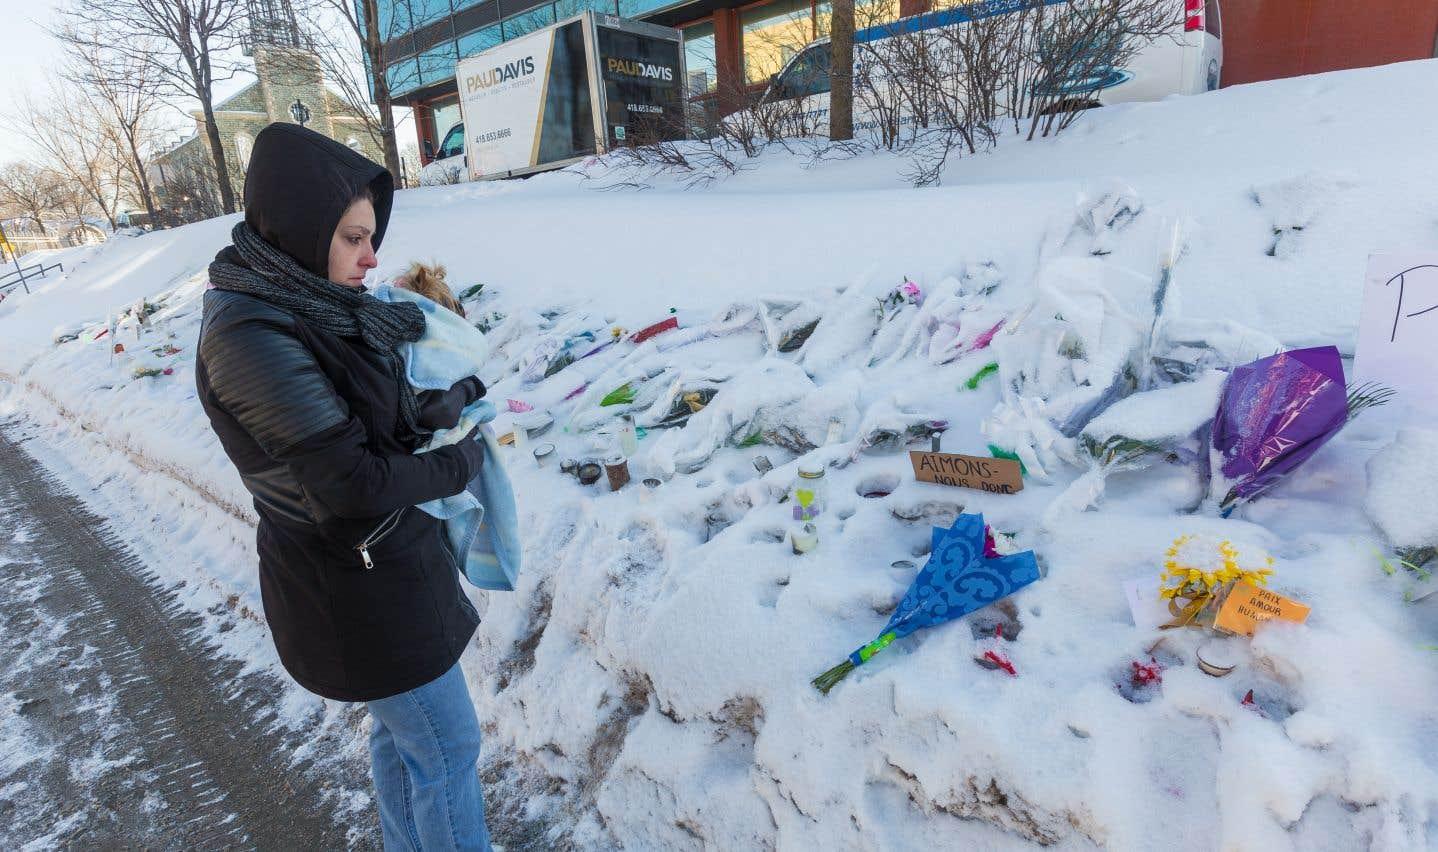 Le Québec doit trouver le courage d'admettre le problème de xénophobie et d'islamophobie croissantes, qui permet aujourd'hui à ces groupes néo-nazis d'alimenter la haine contre les immigrants, estime Amir Khadir.